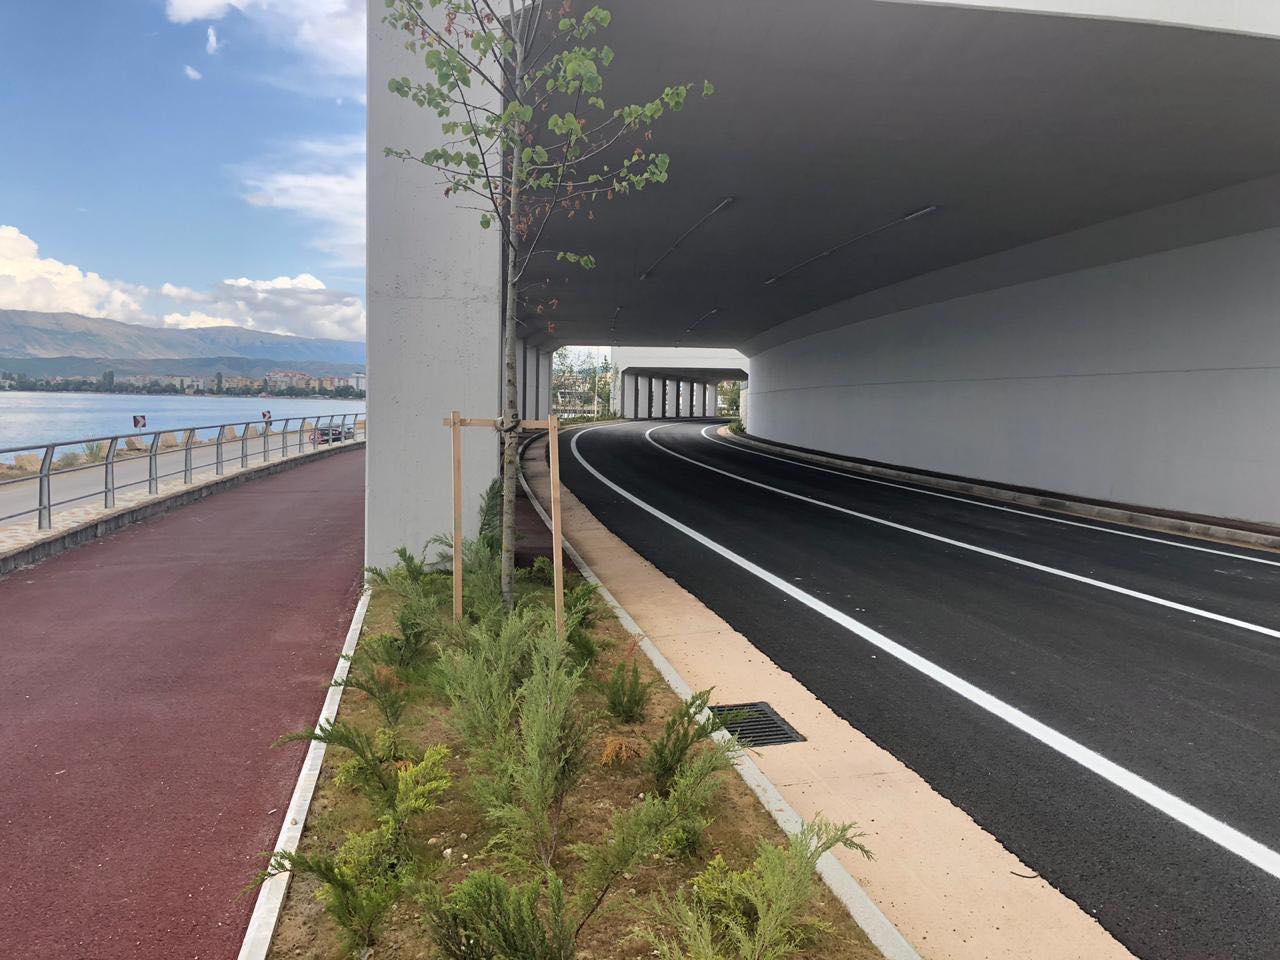 TURIZMI  Një relaks për sytë në tunelin e ri panoramik të Pogradecit  ja mbi ç koncept është ndërtuar